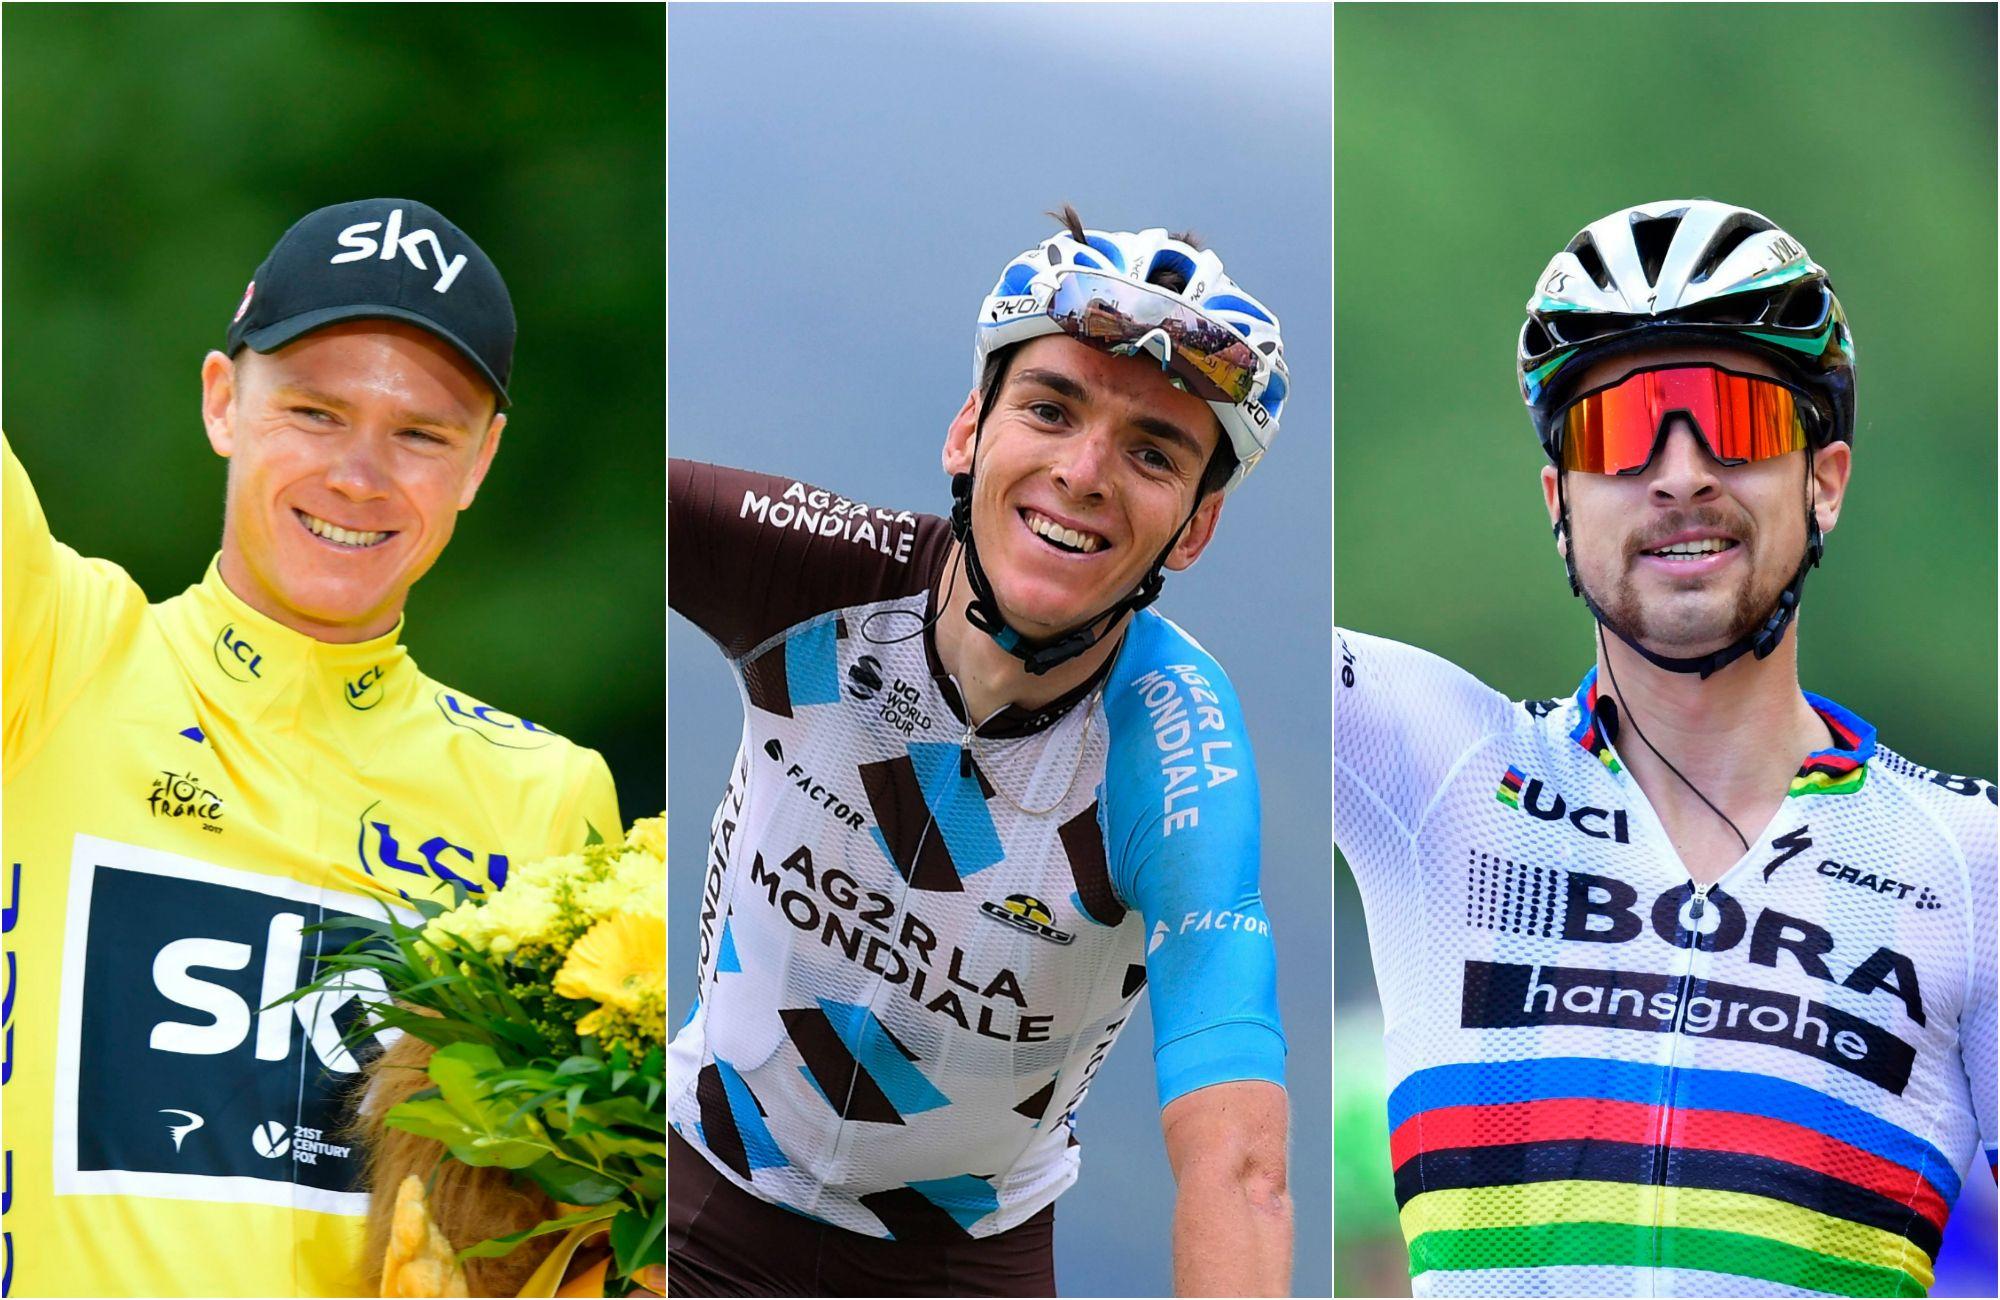 Cyclisme - Tour de France - Froome, Bardet, Barguil, Sagan : le carnet de notes du Tour